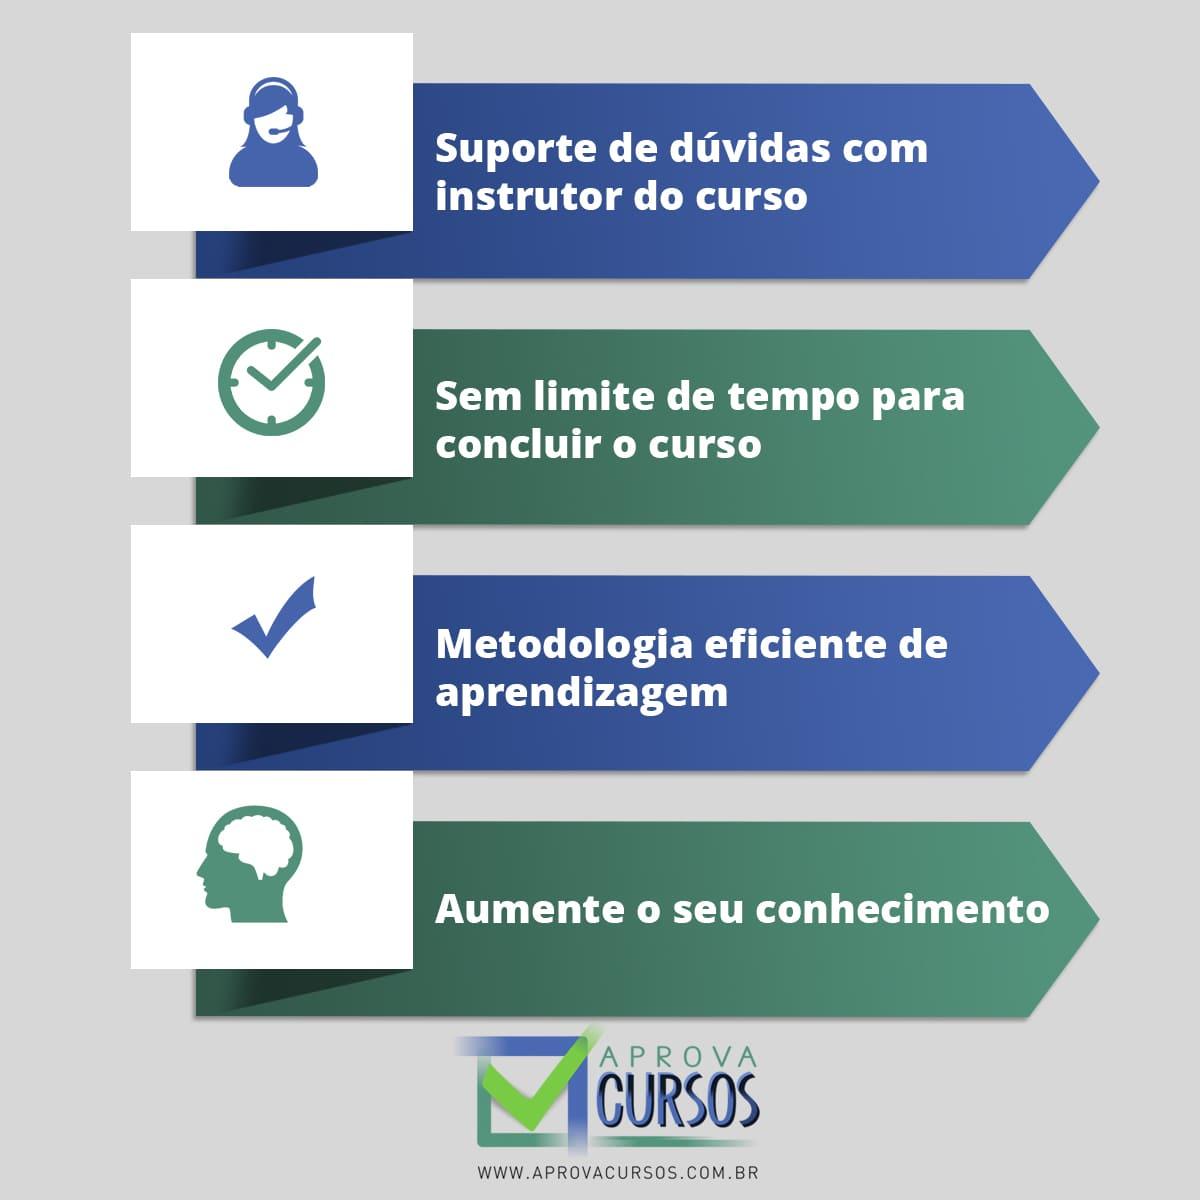 Curso Online de Curso Atendimento ao Cliente com Certificado  - Aprova Cursos